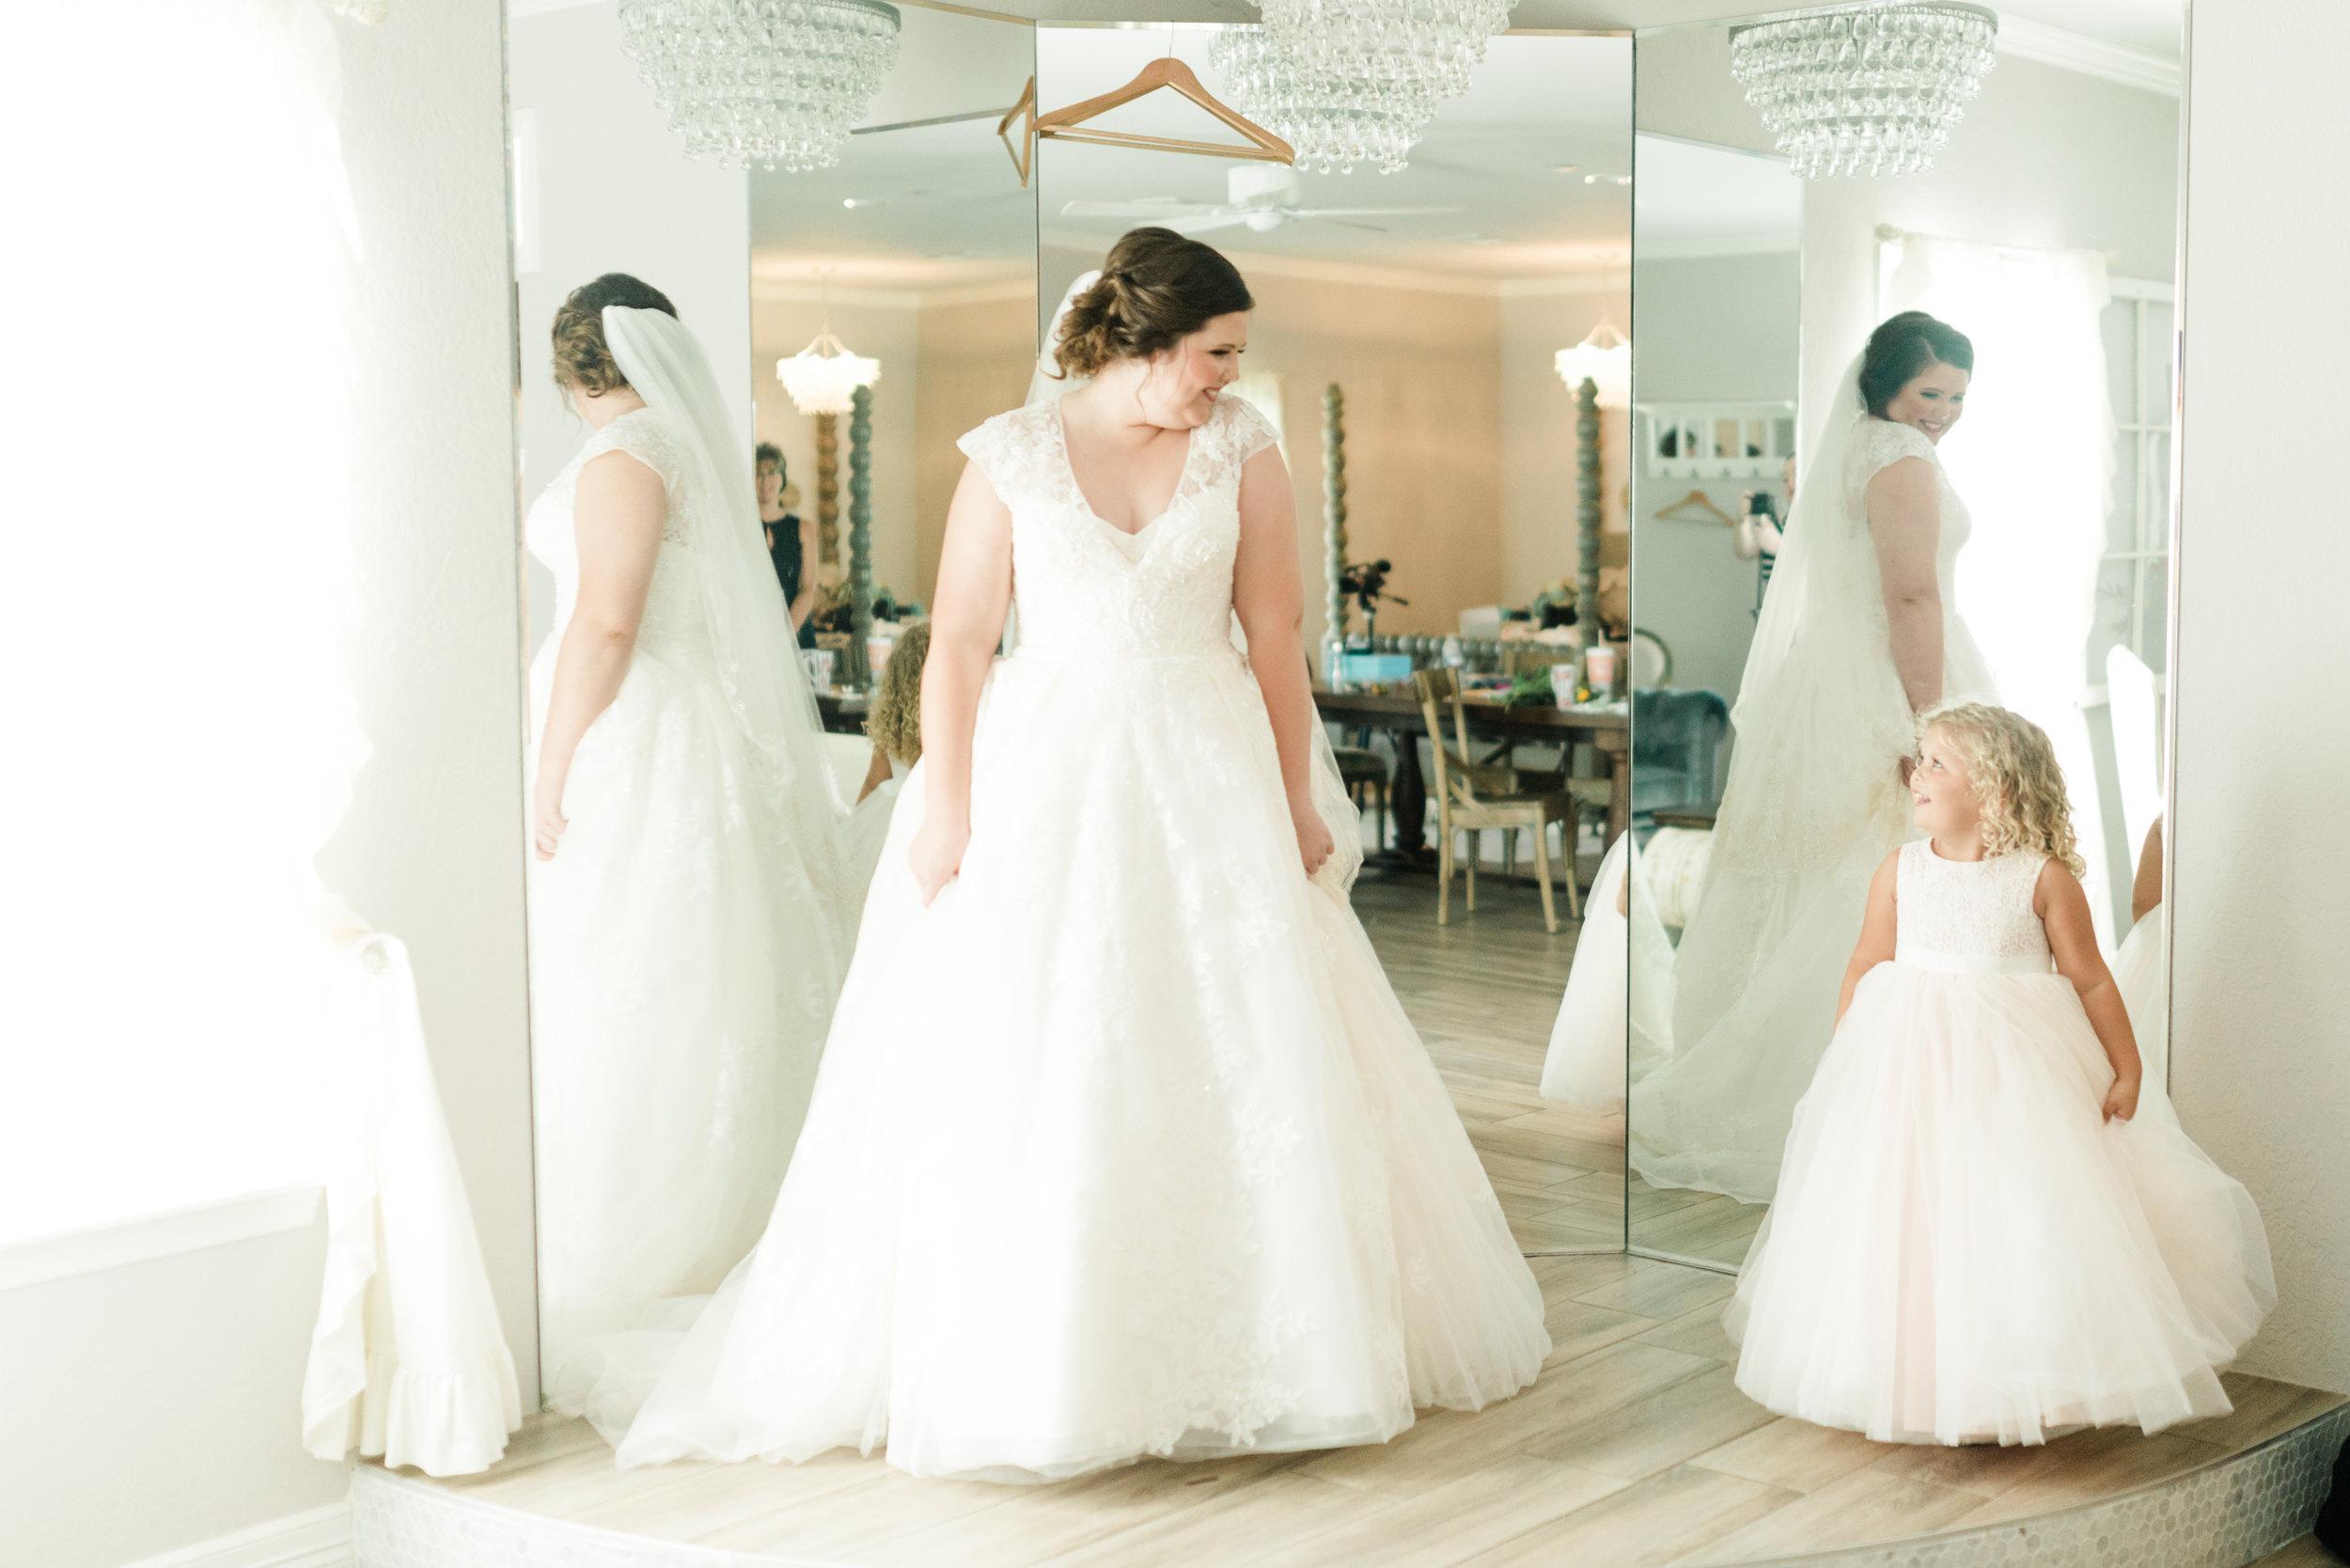 Wesley-Wedding-Ten23-Photography-177.jpg